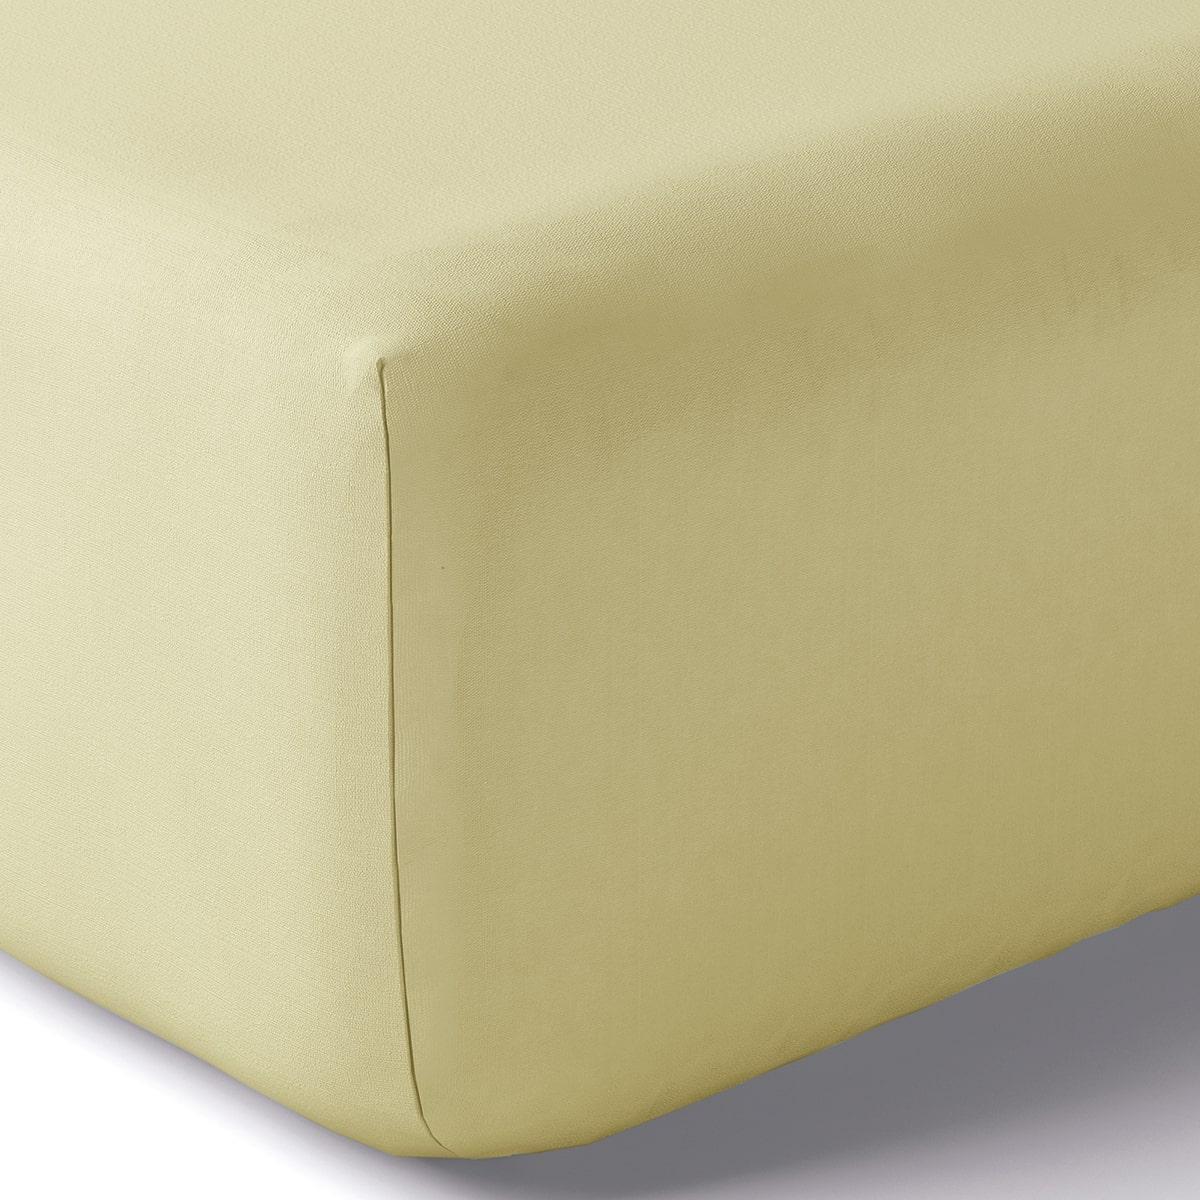 Drap housse coton 160x200 cm regain